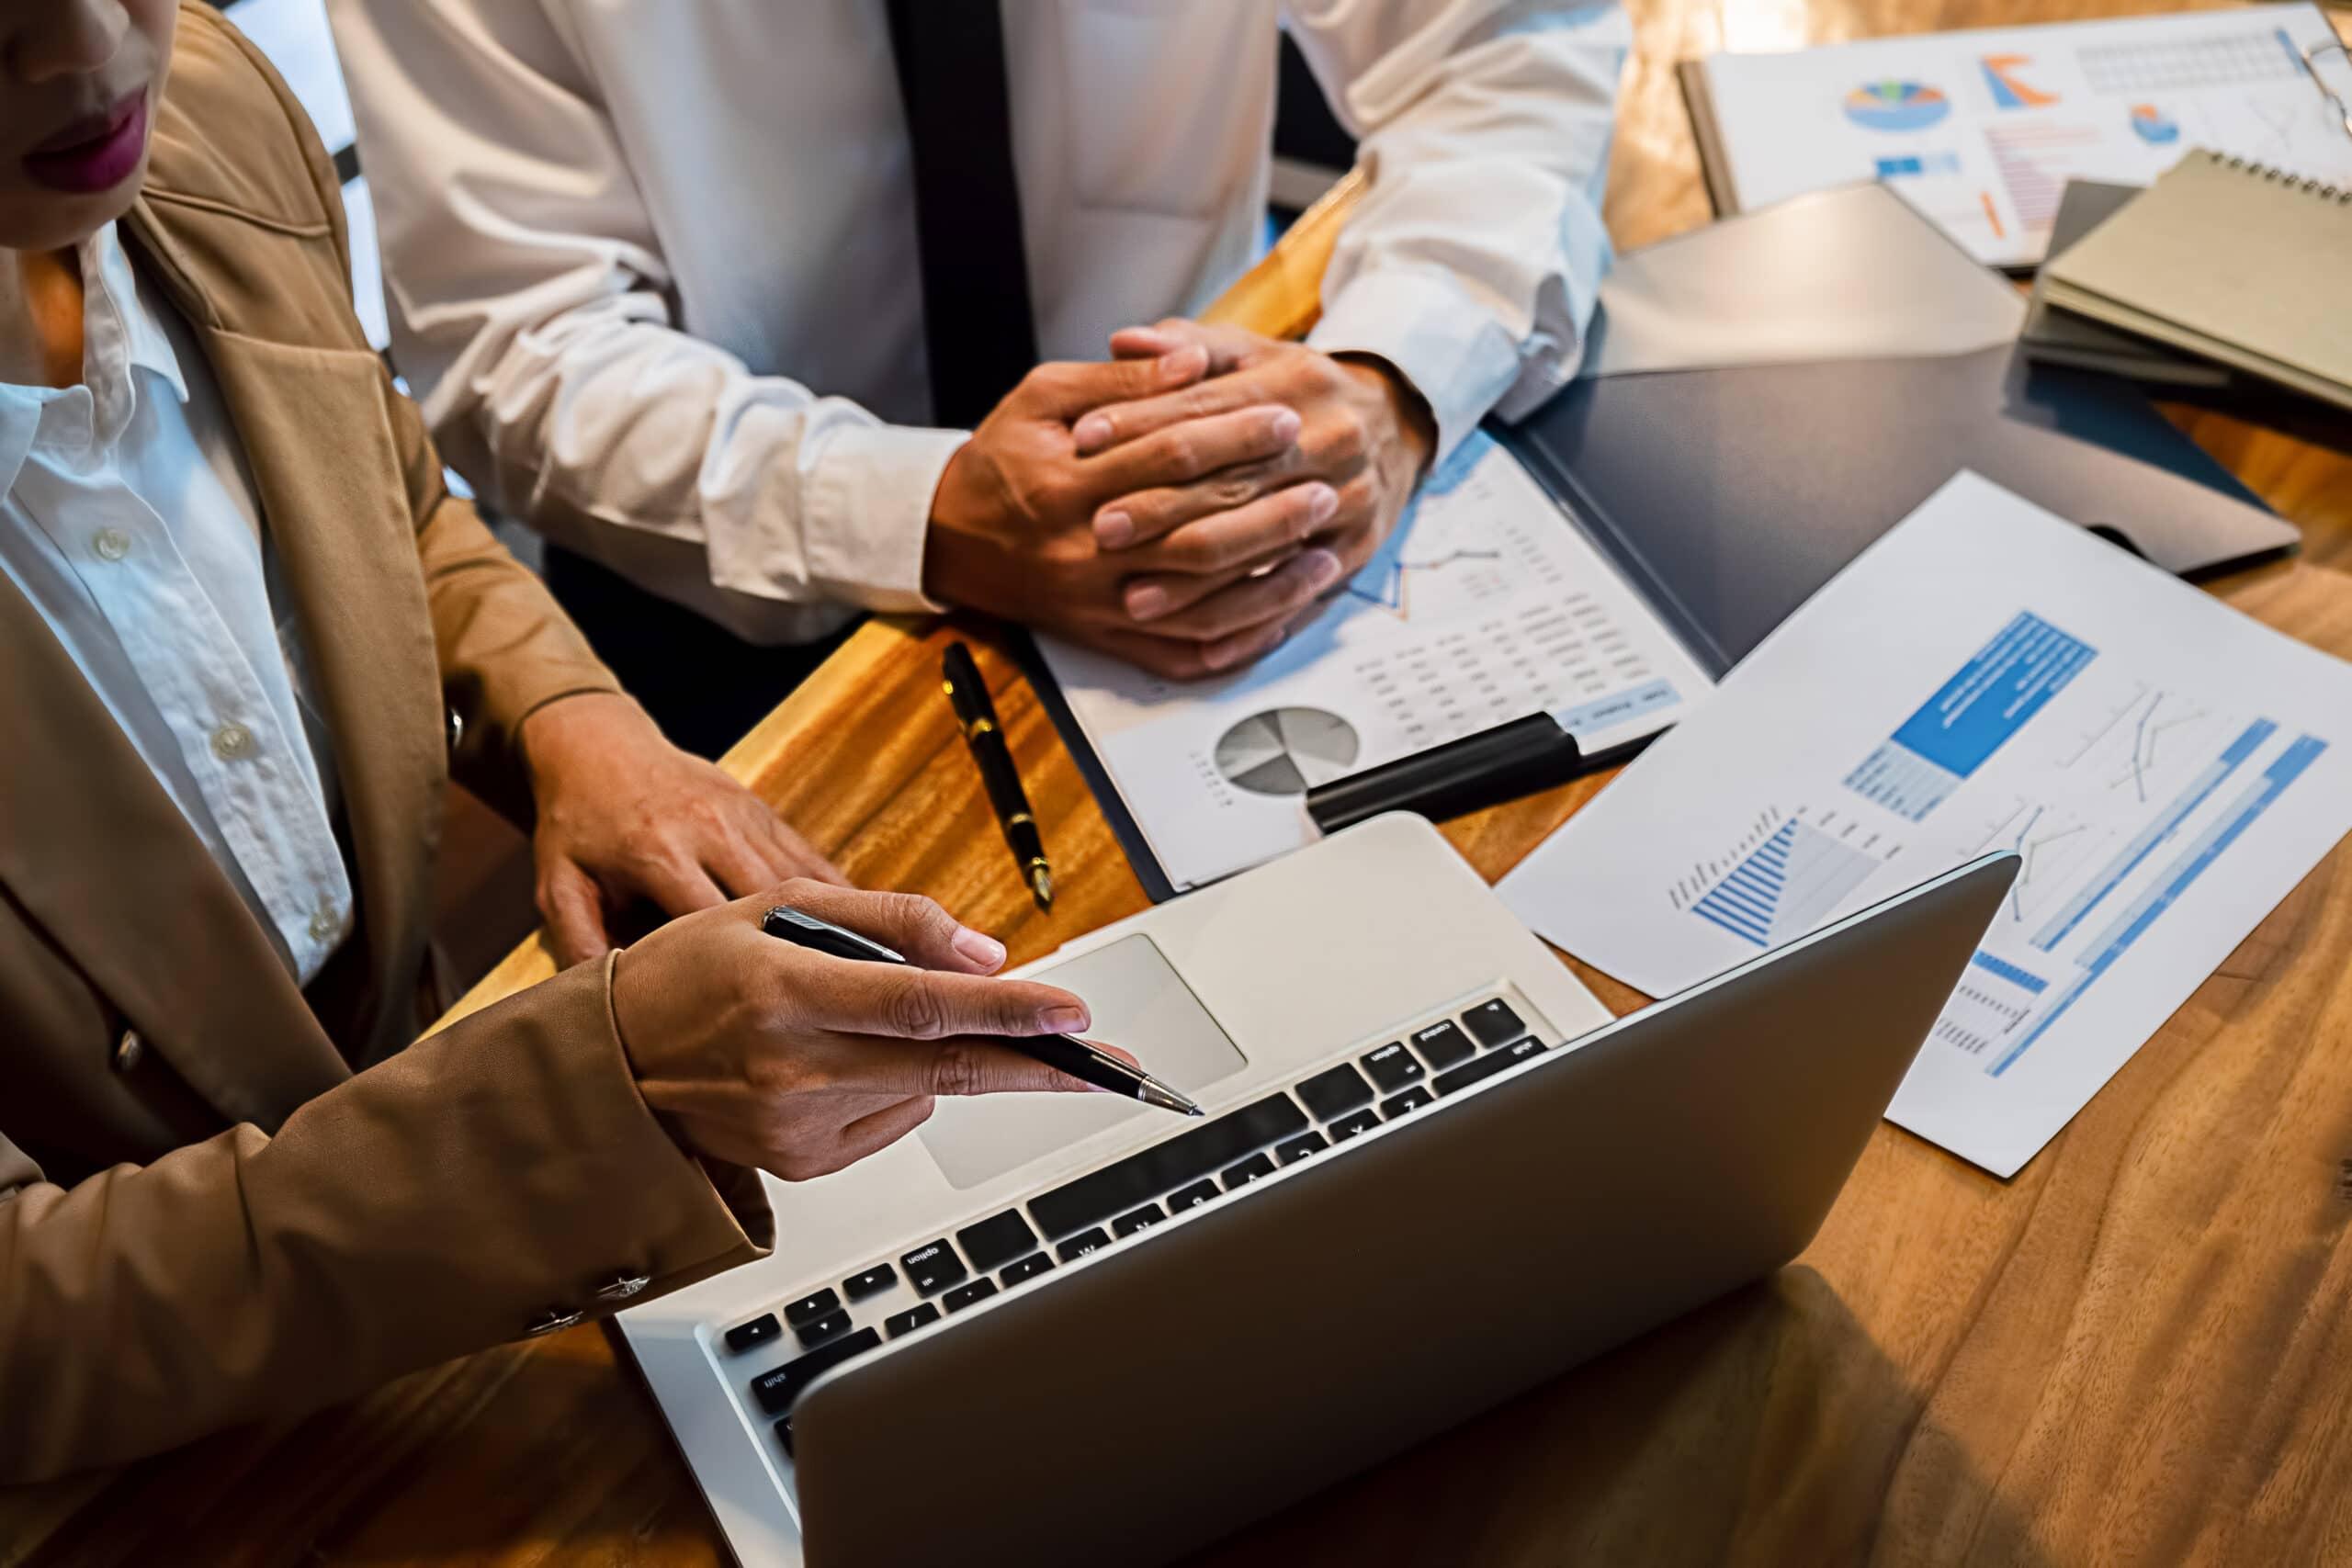 Kirjanpito-ohjelma. Yrittäjä ja kirjanpitäjä pöydän ääressä.